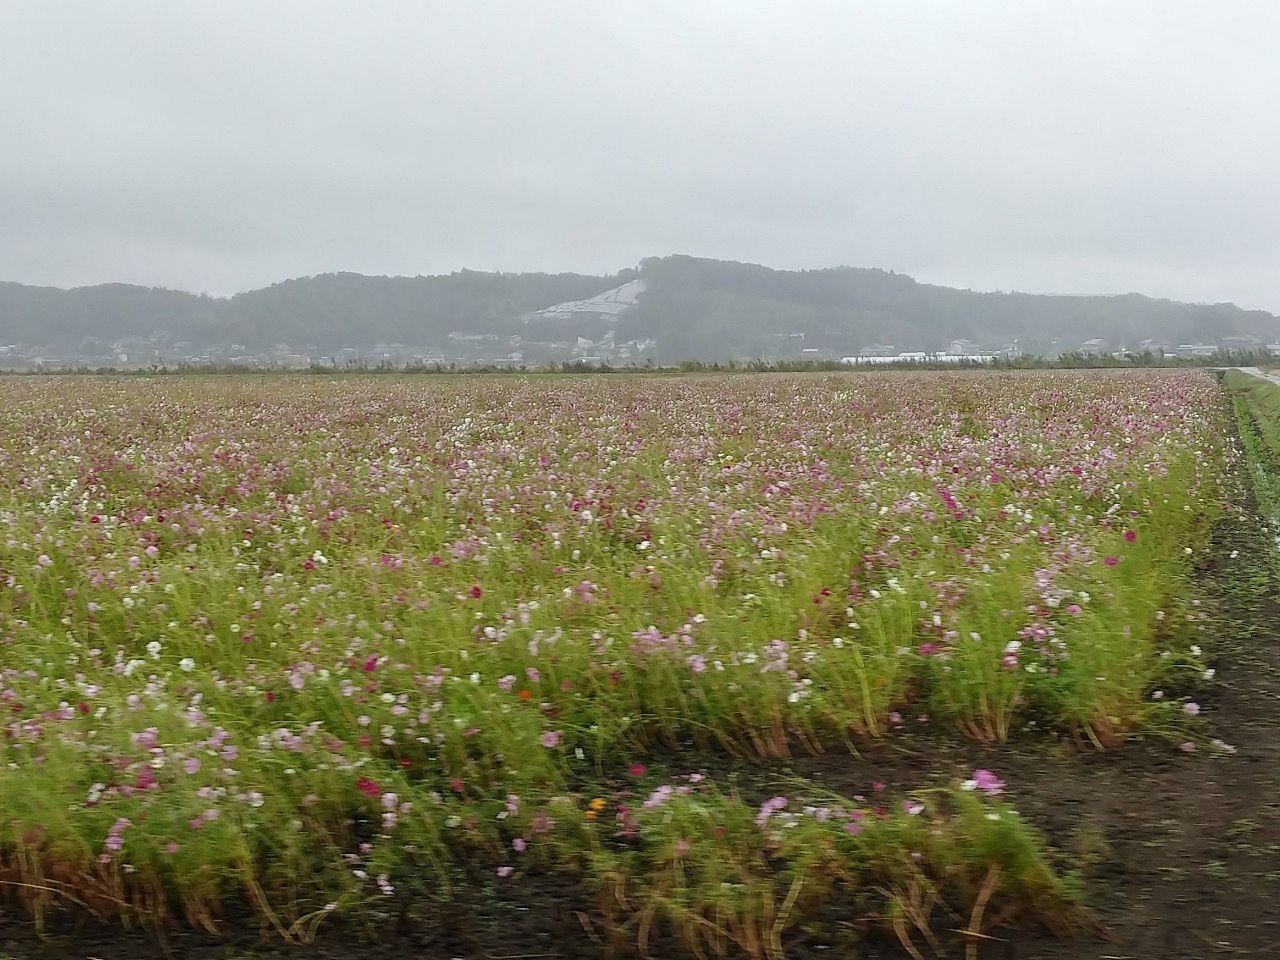 台風で倒れてしまった益子町のコスモスです